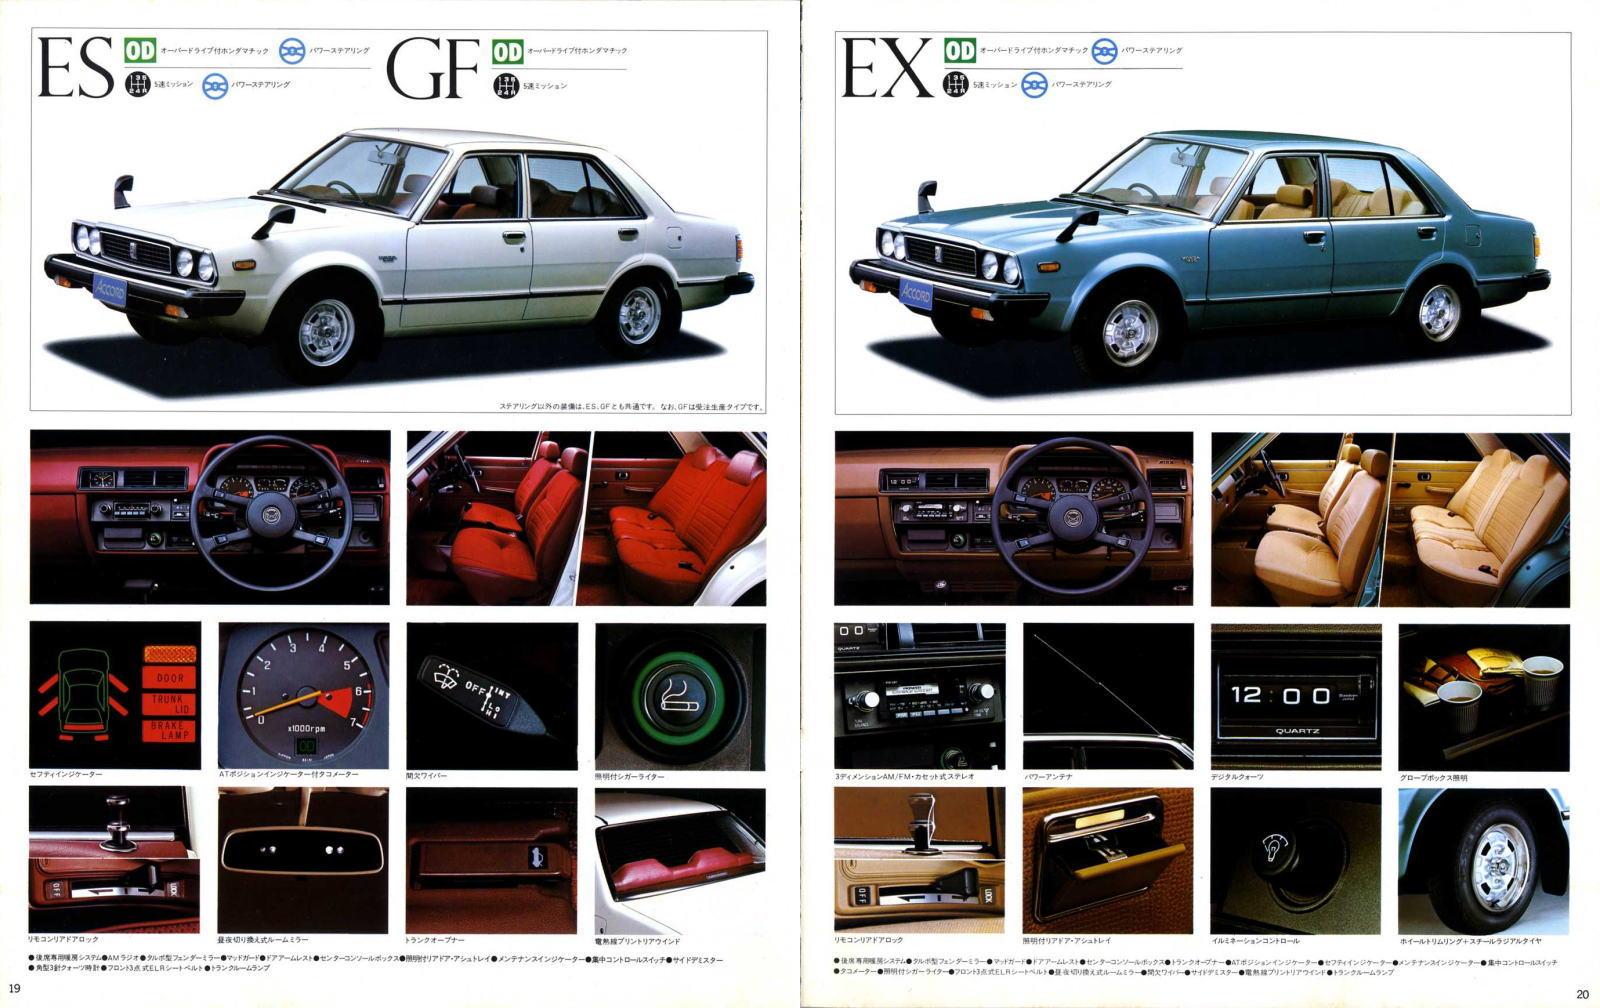 fender mirror, wing, lusterka na błotnikach, mocowane, przy, japoński samochód, motoryzacja z Japonii, JDM, ciekawostki, oryginalne, Honda Accord, フェンダーミラー, 日本車